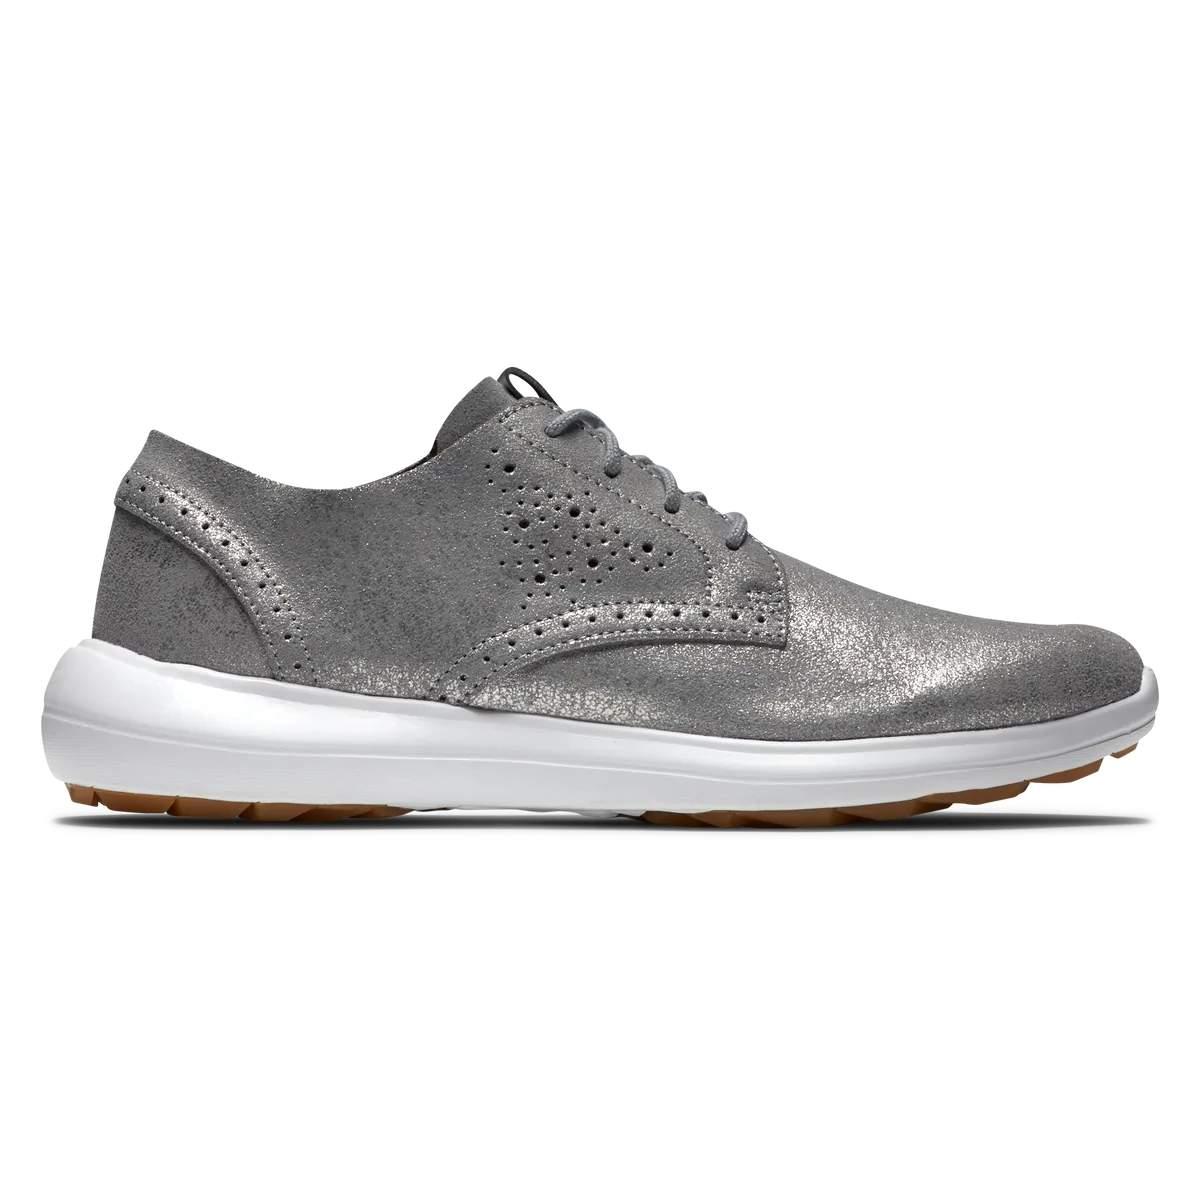 FootJoy Women's Flex LX Golf Shoe - Silver 95736